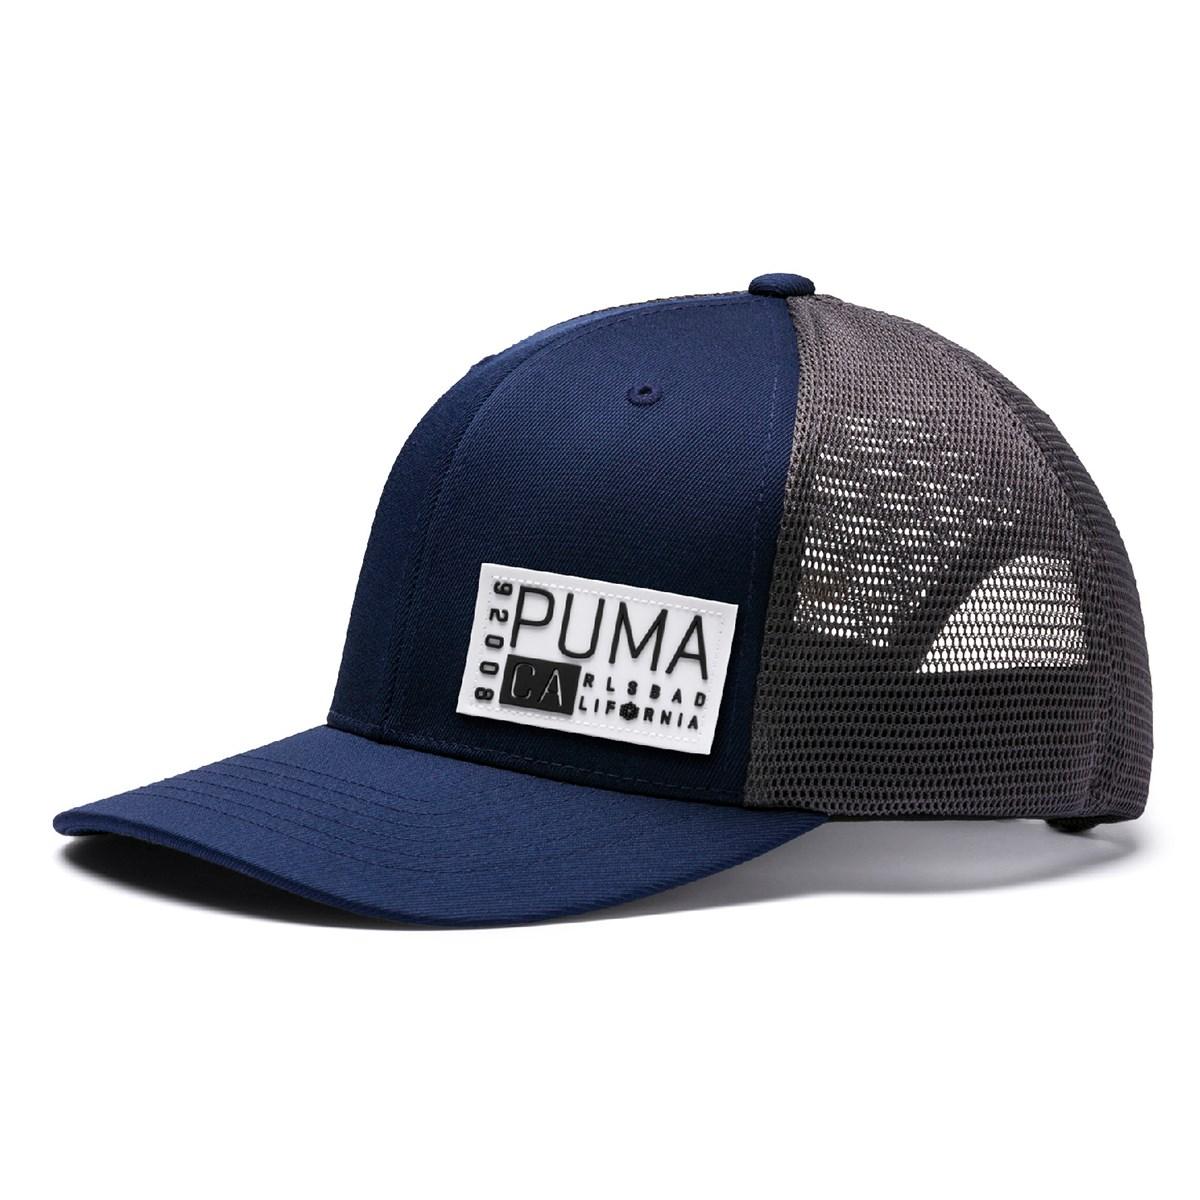 プーマ(PUMA) California Collection トラッカー スナップバックキャップ